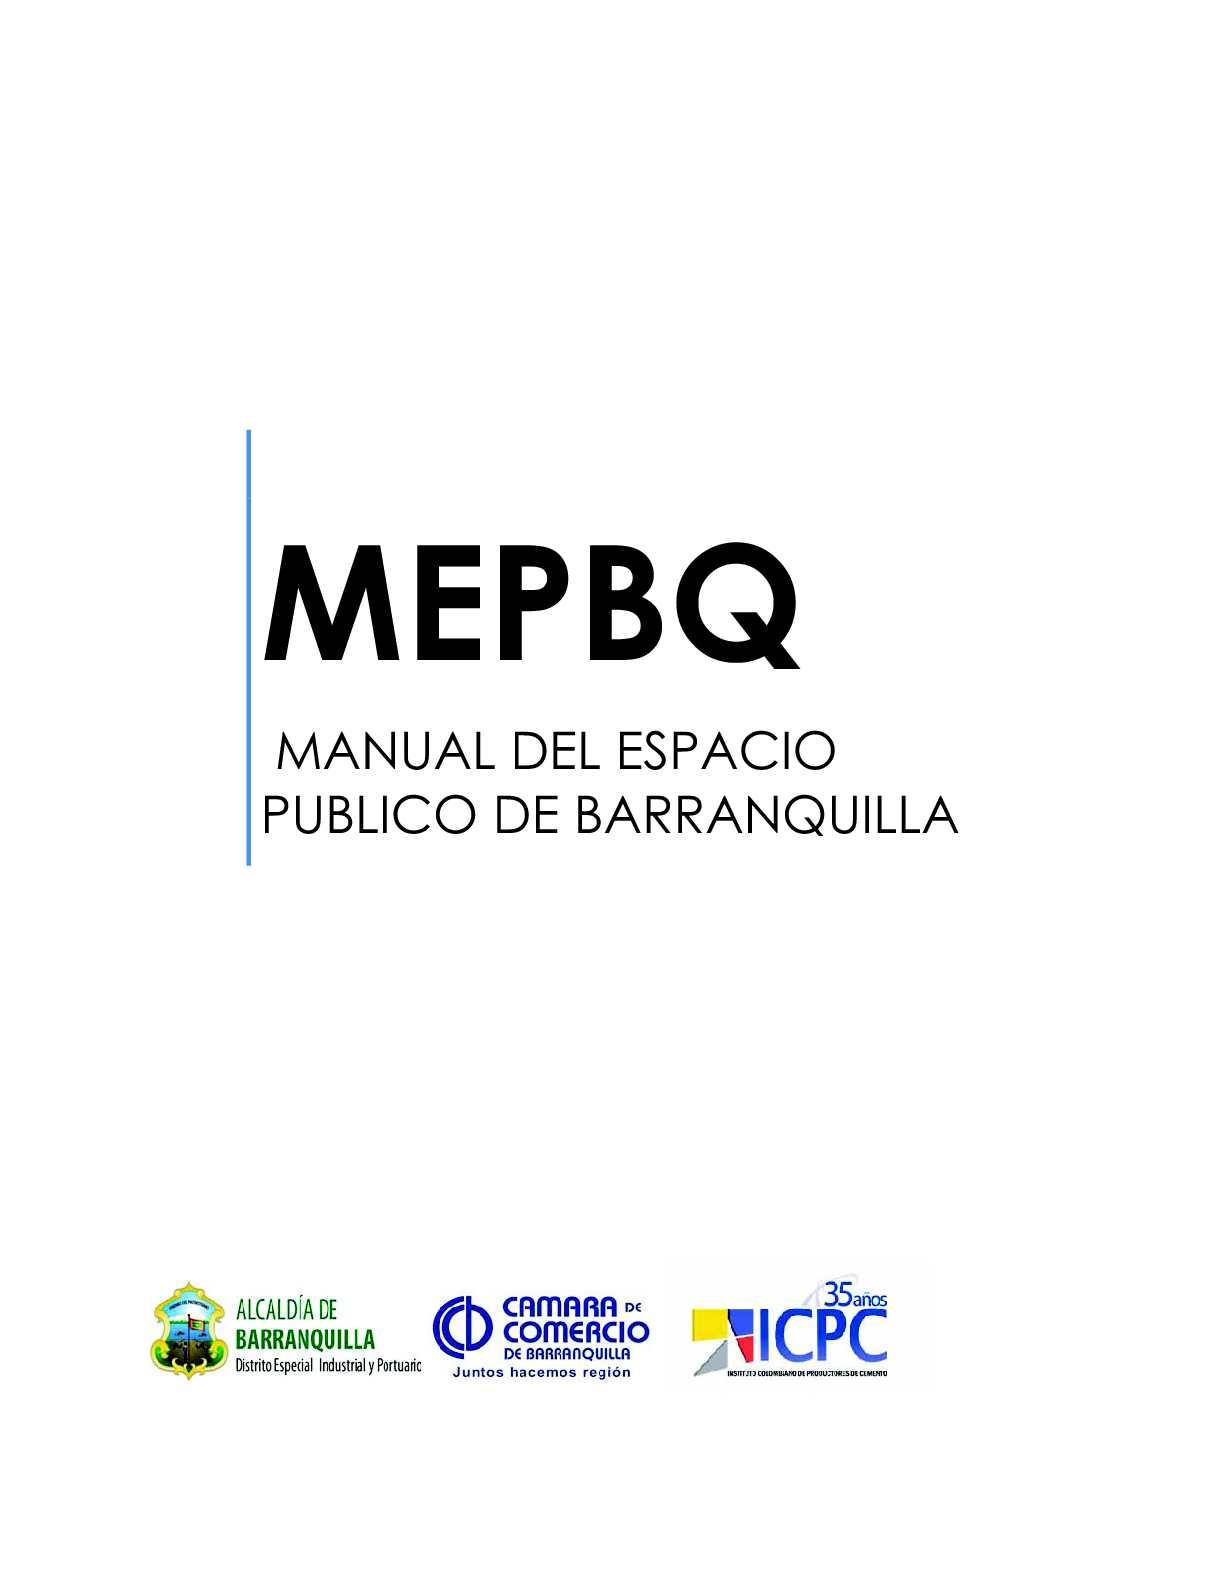 MANUAL DEL ESPACIO PÚBLICO DE BARRANQUILLA